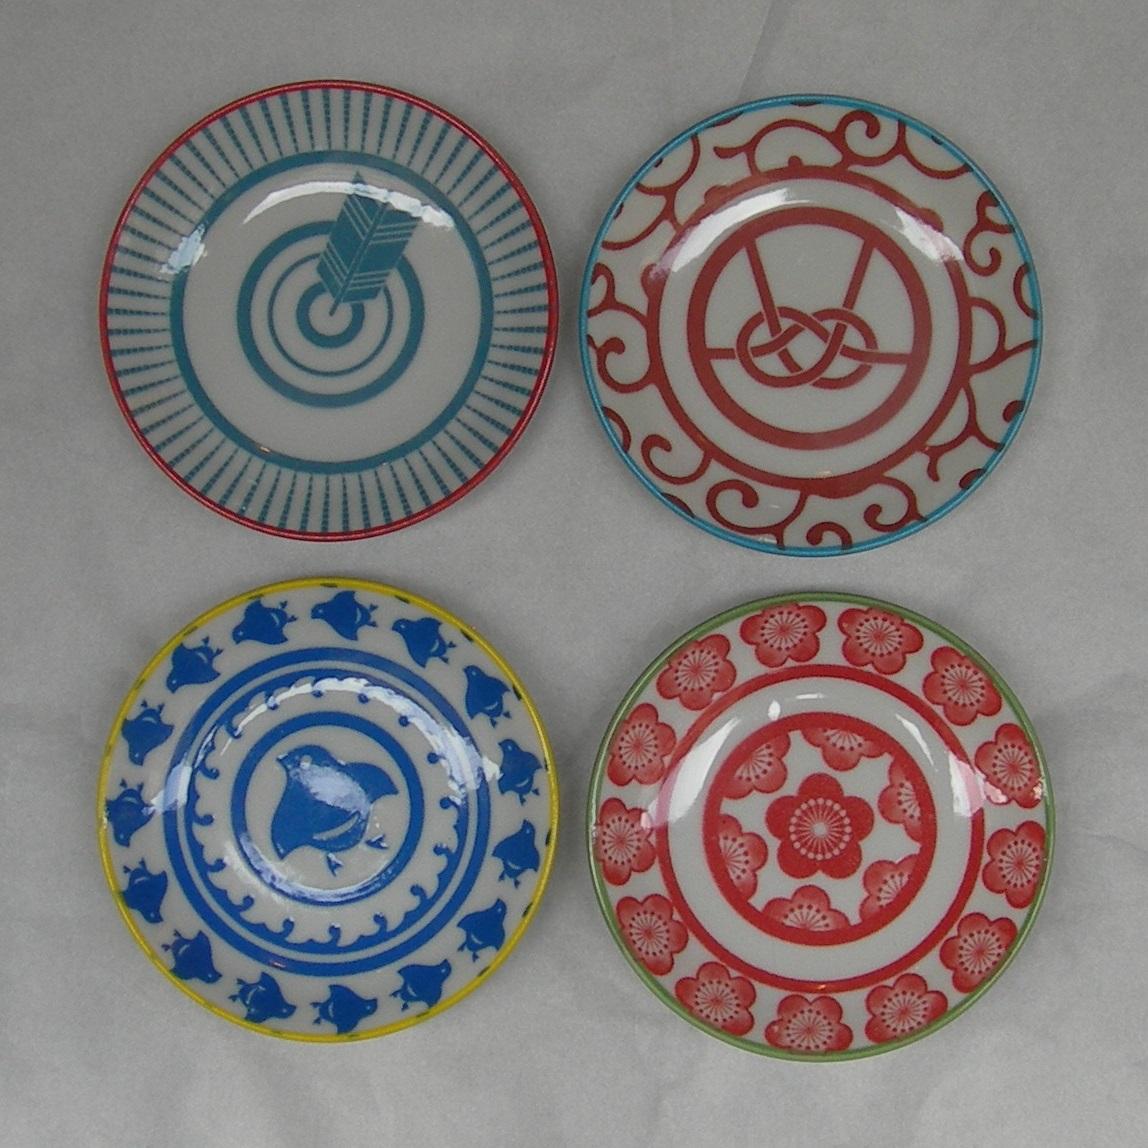 disegni tradizionali giapponesi